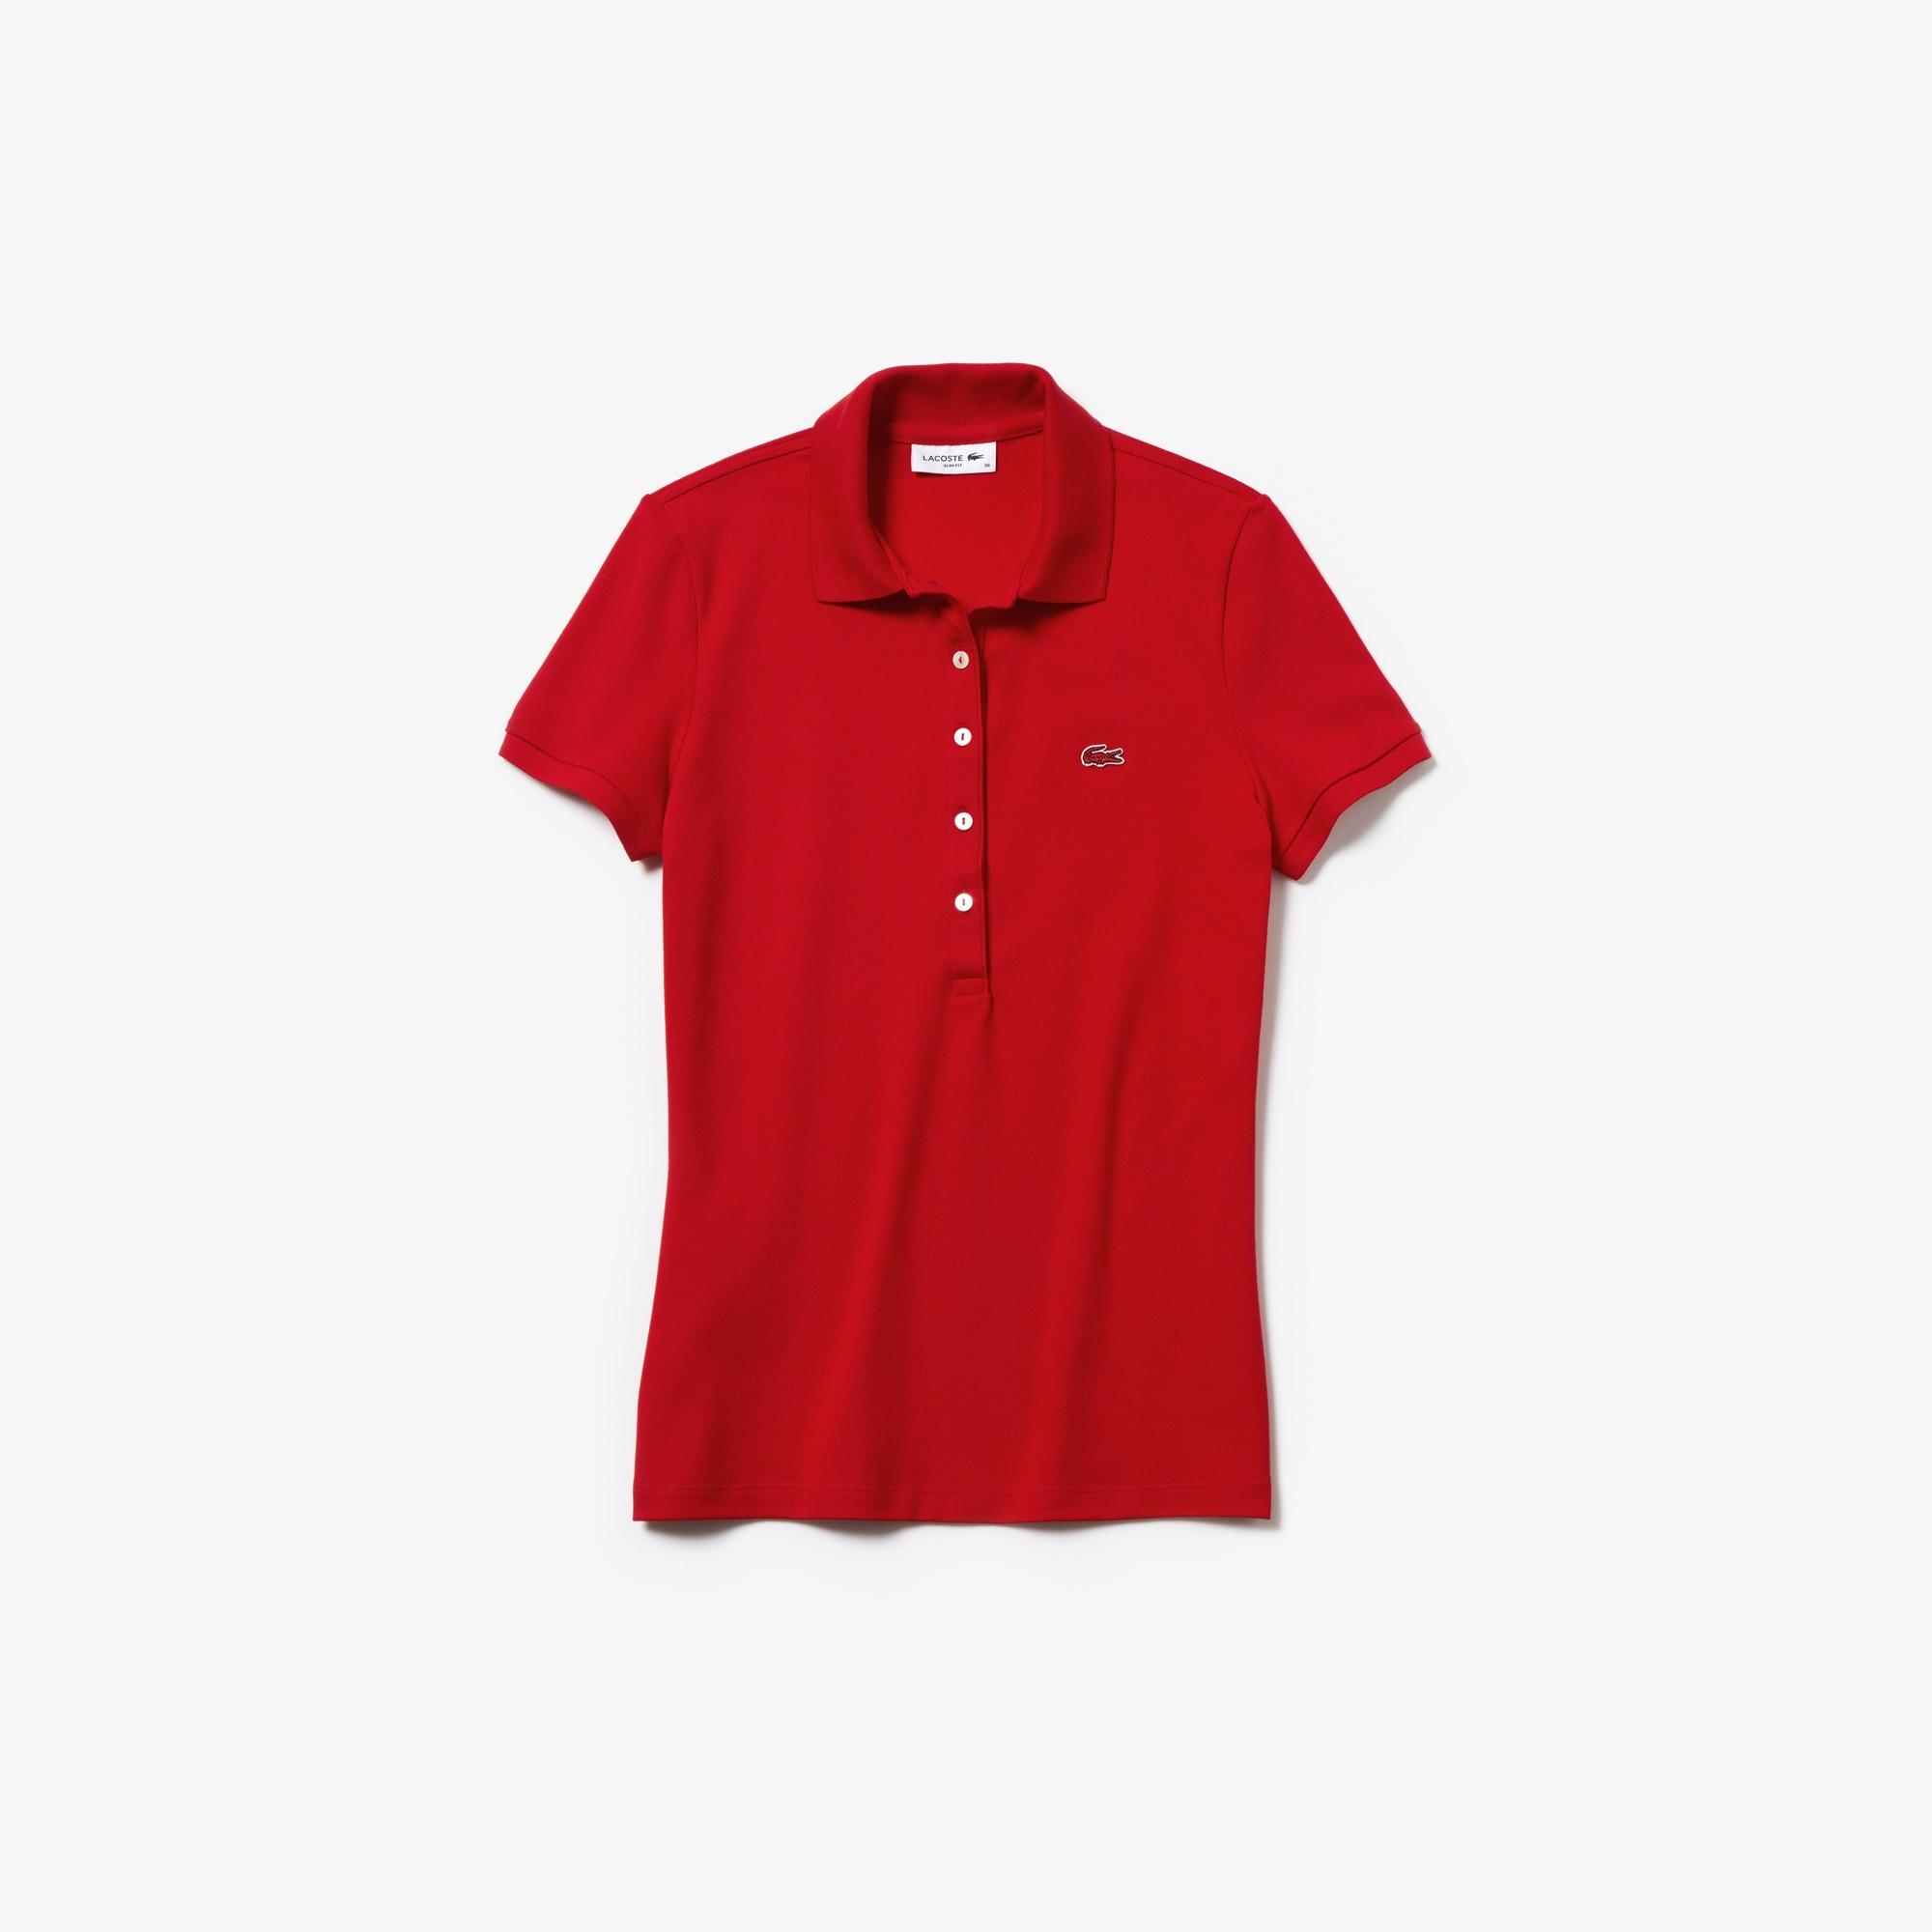 라코스테 Lacoste Womens Slim Fit Stretch Mini Cotton Pique Polo Shirt,red